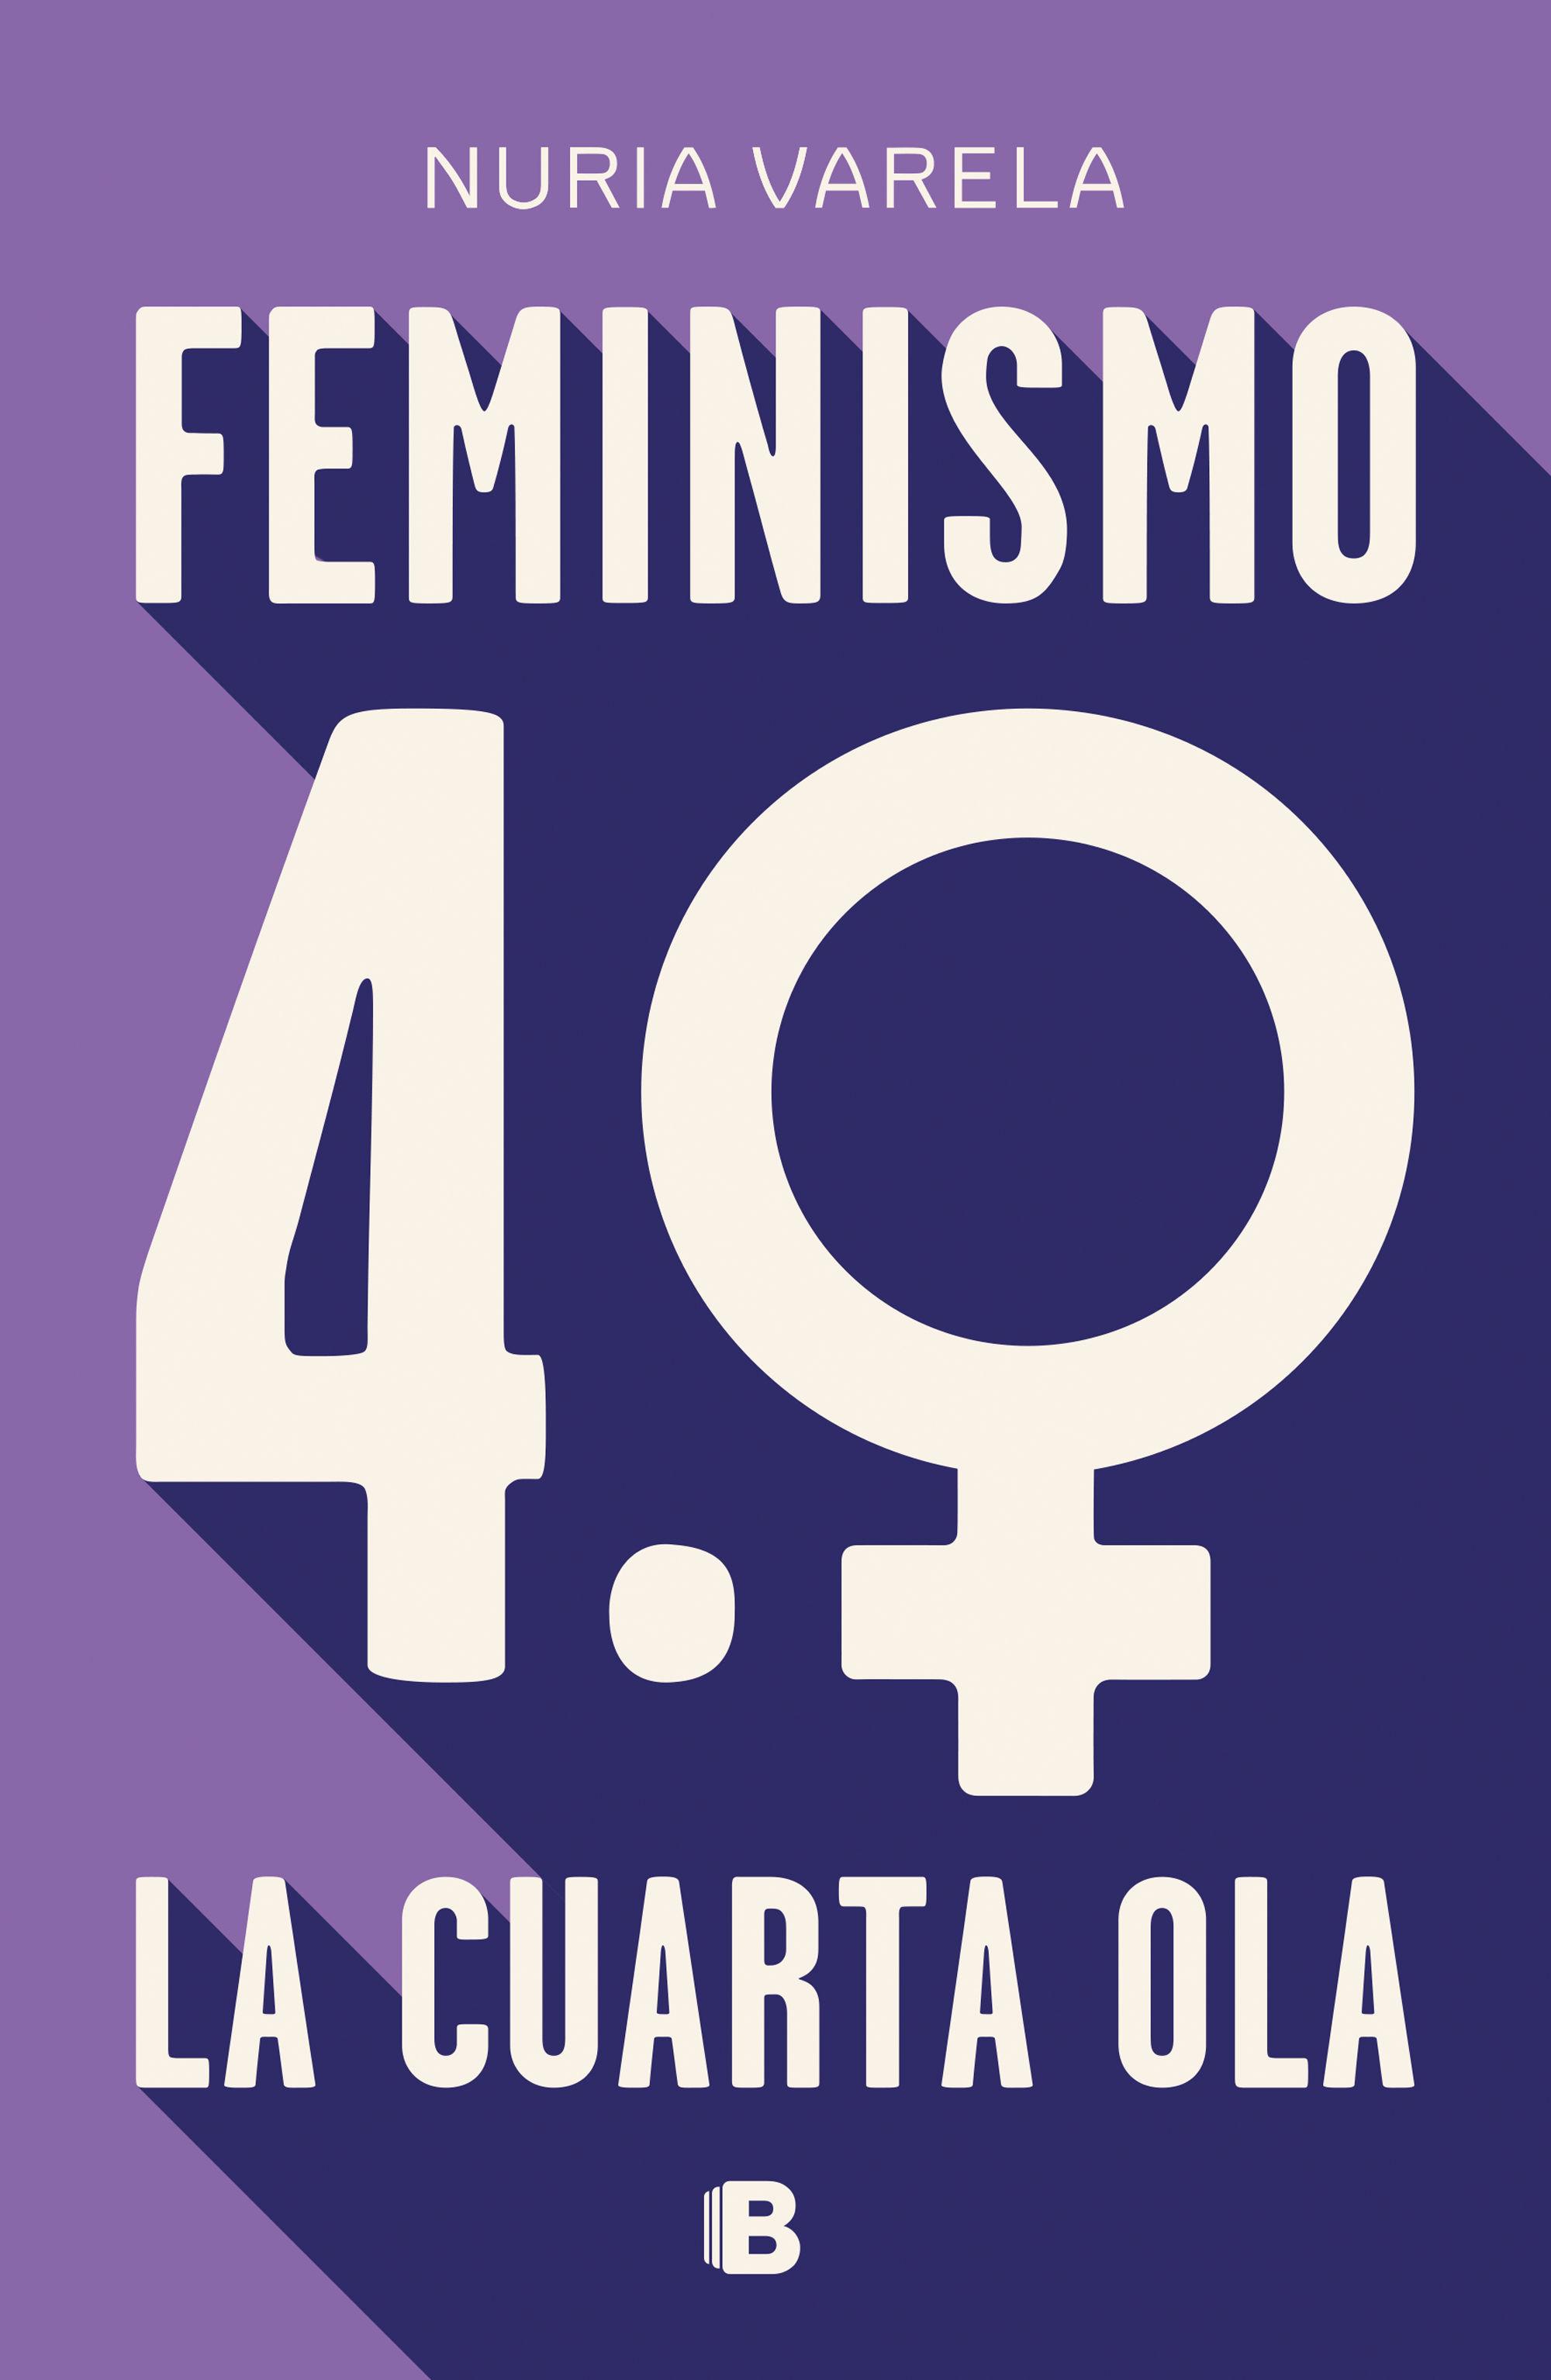 FEMINISMO 4 0 LA CUARTA OLA